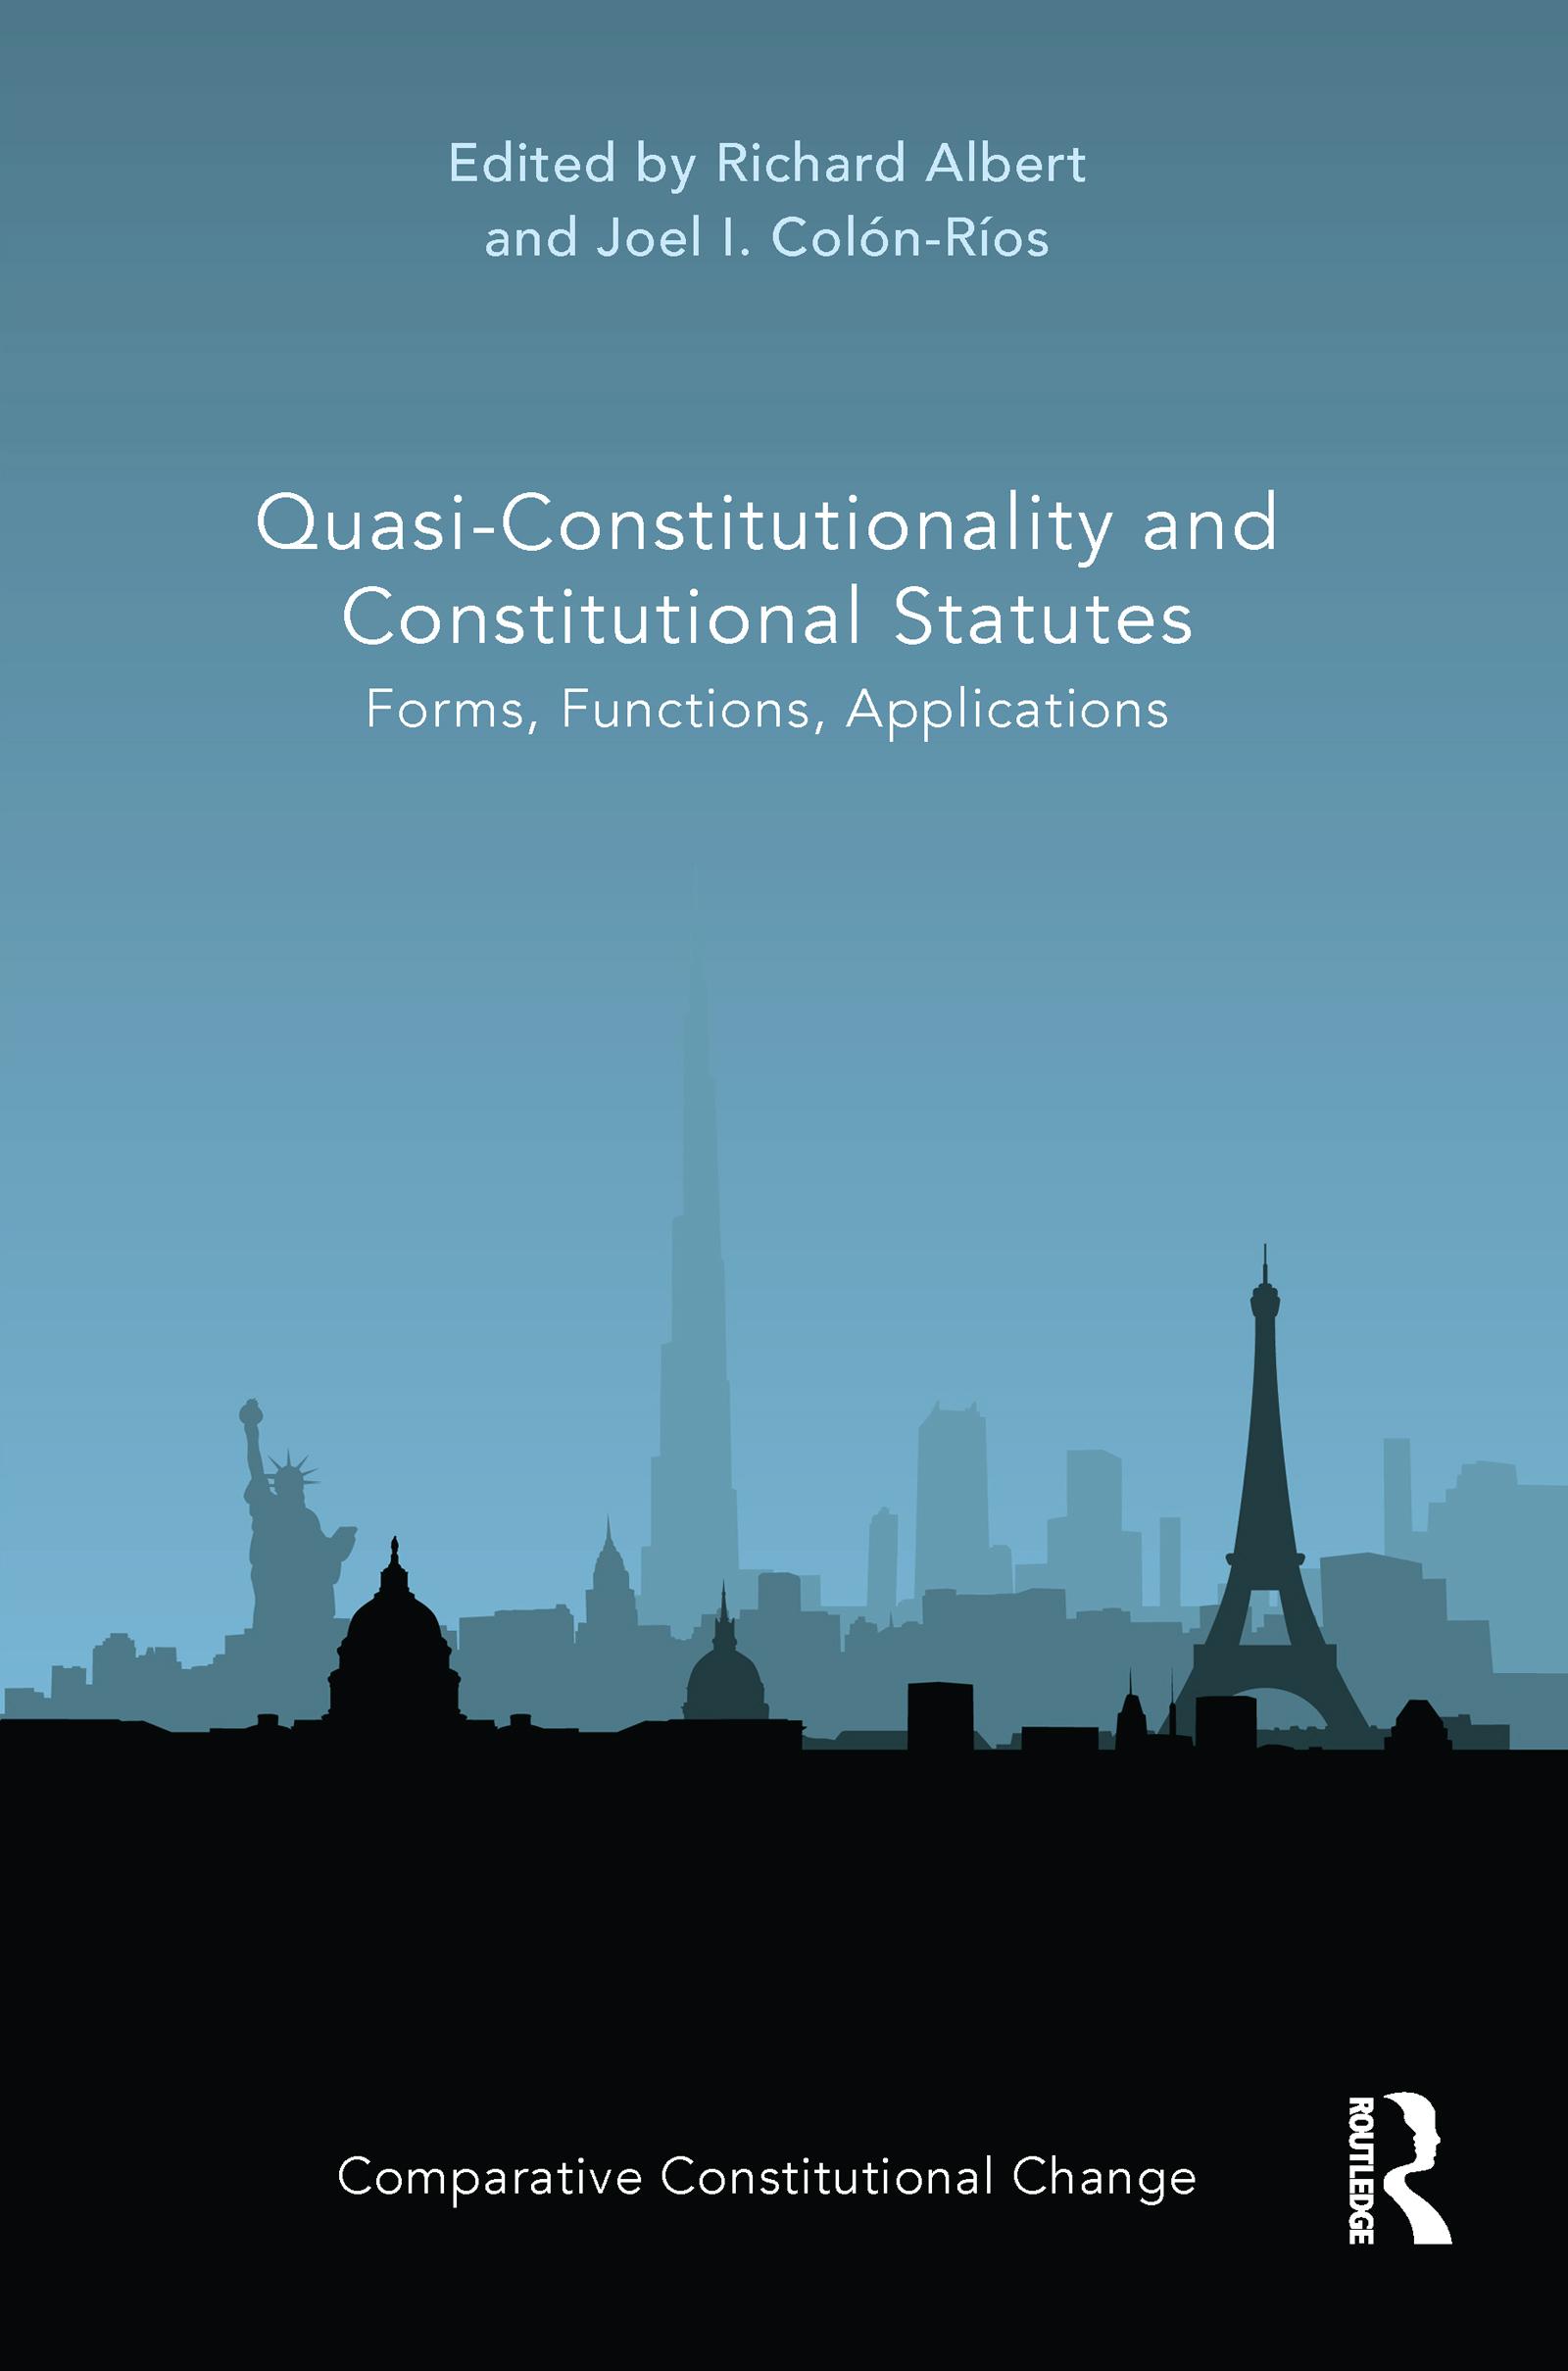 Quasi-Constitutionality and Constitutional Statutes